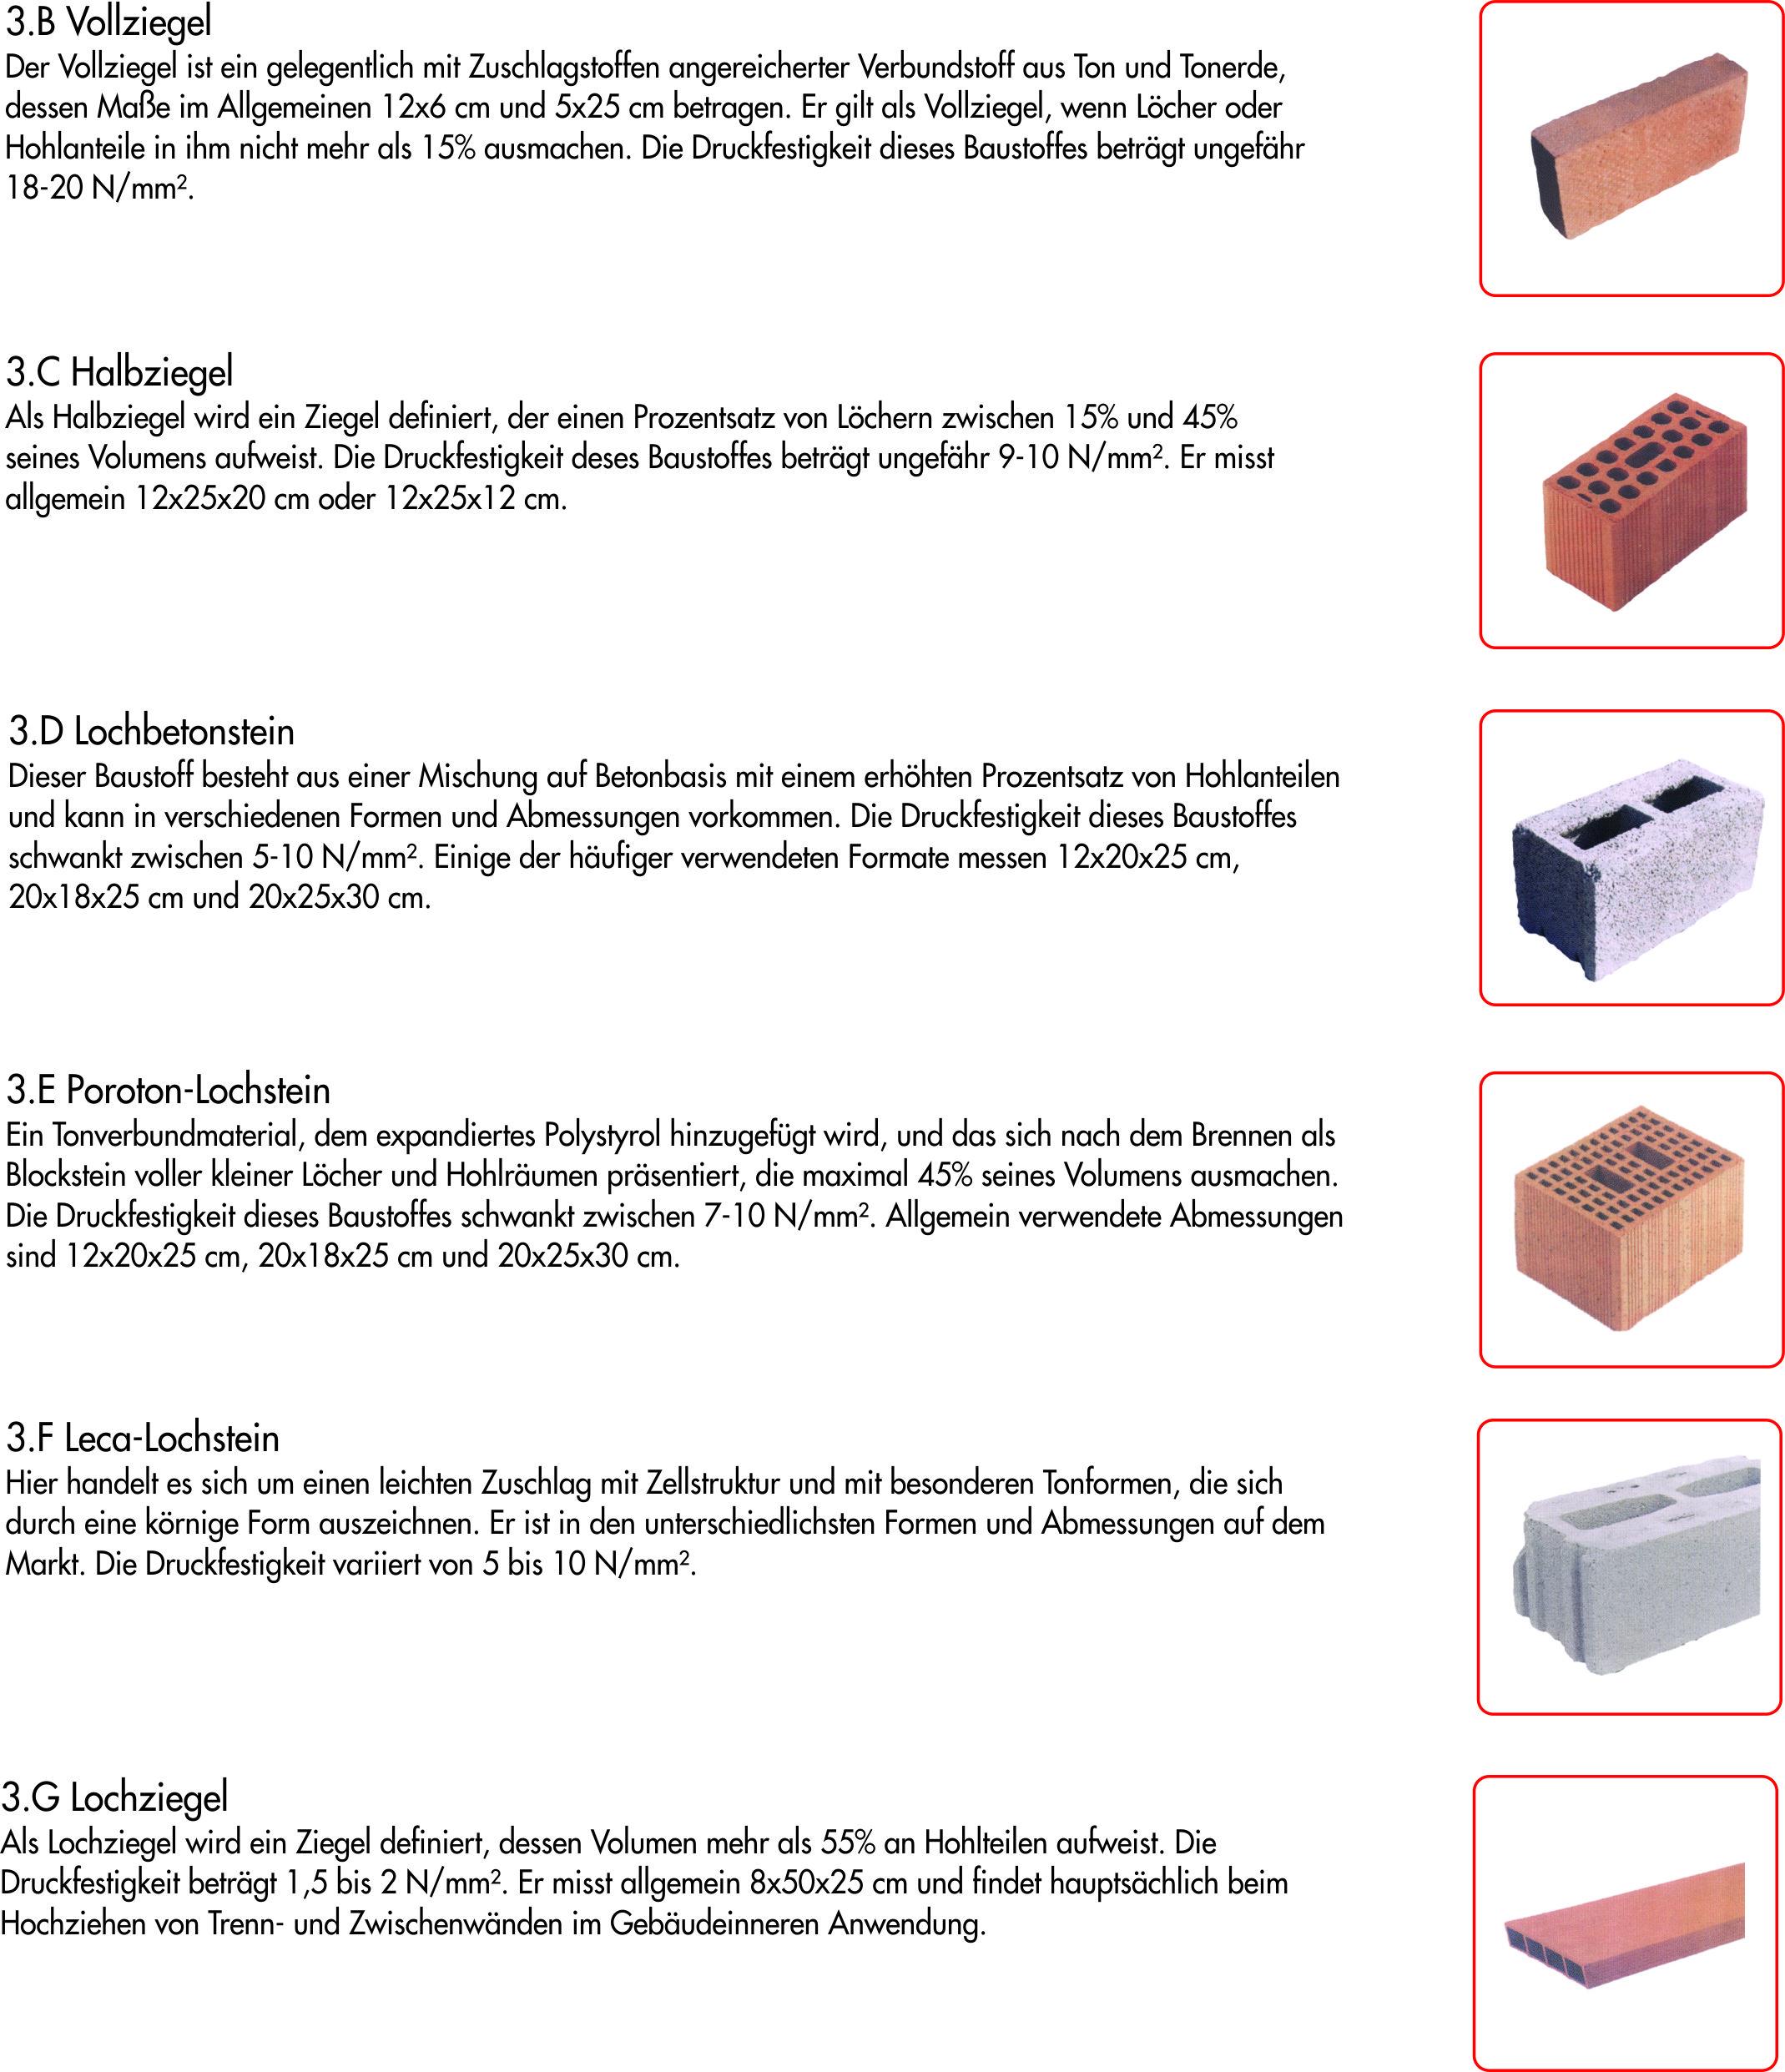 Techn-Informationen-S4